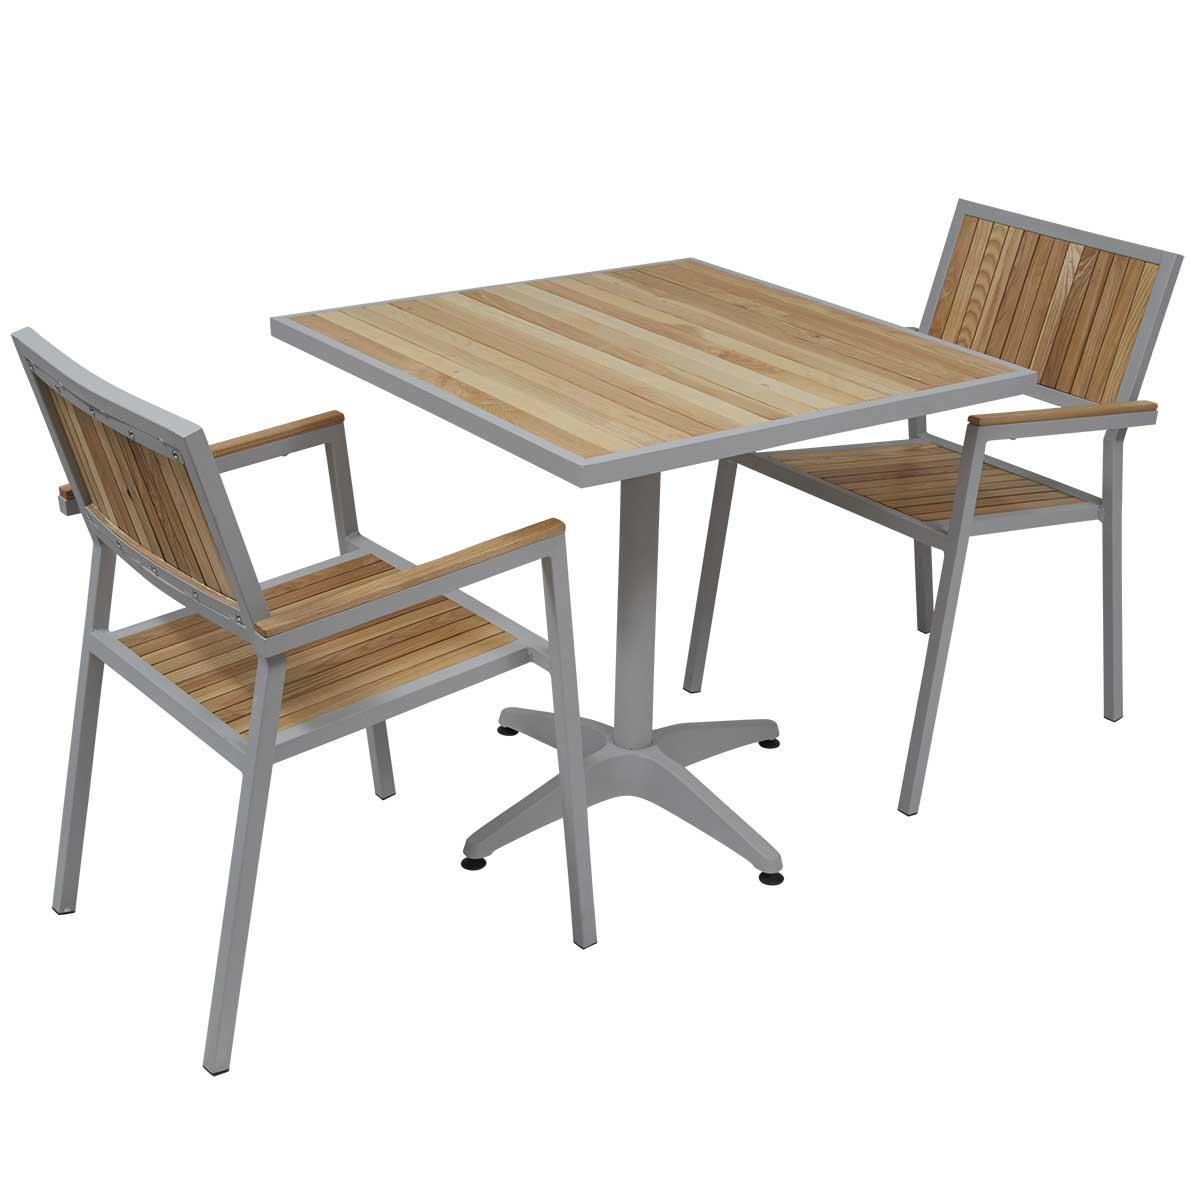 Table et chaise de jardin bois Maison François Fabie